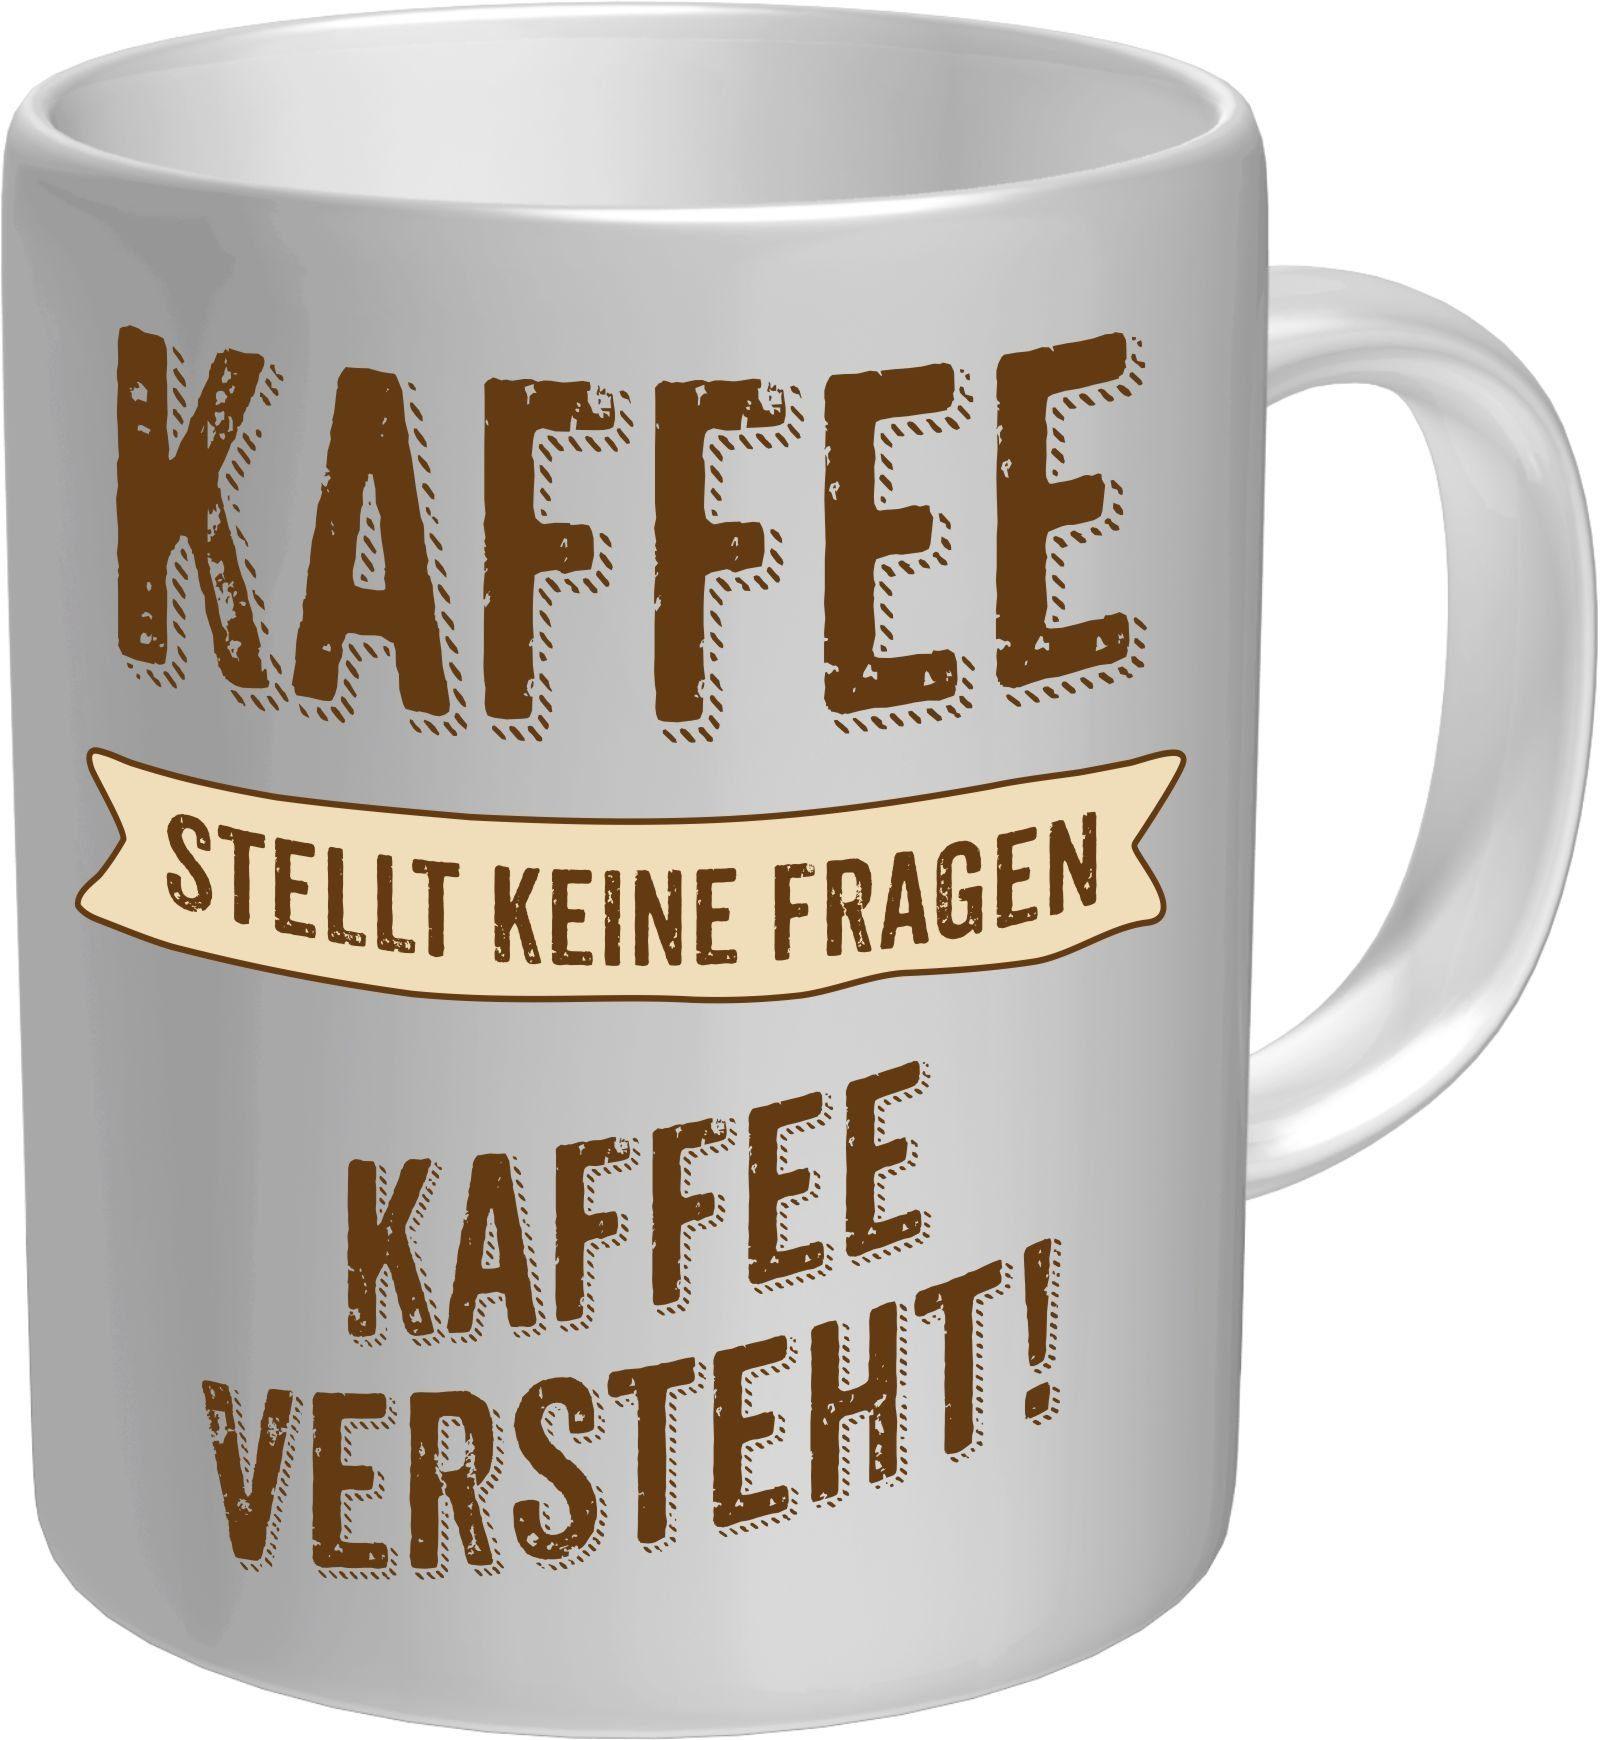 Rahmenlos Kaffeebecher mit witzigem Spruch im Geschenkkarton